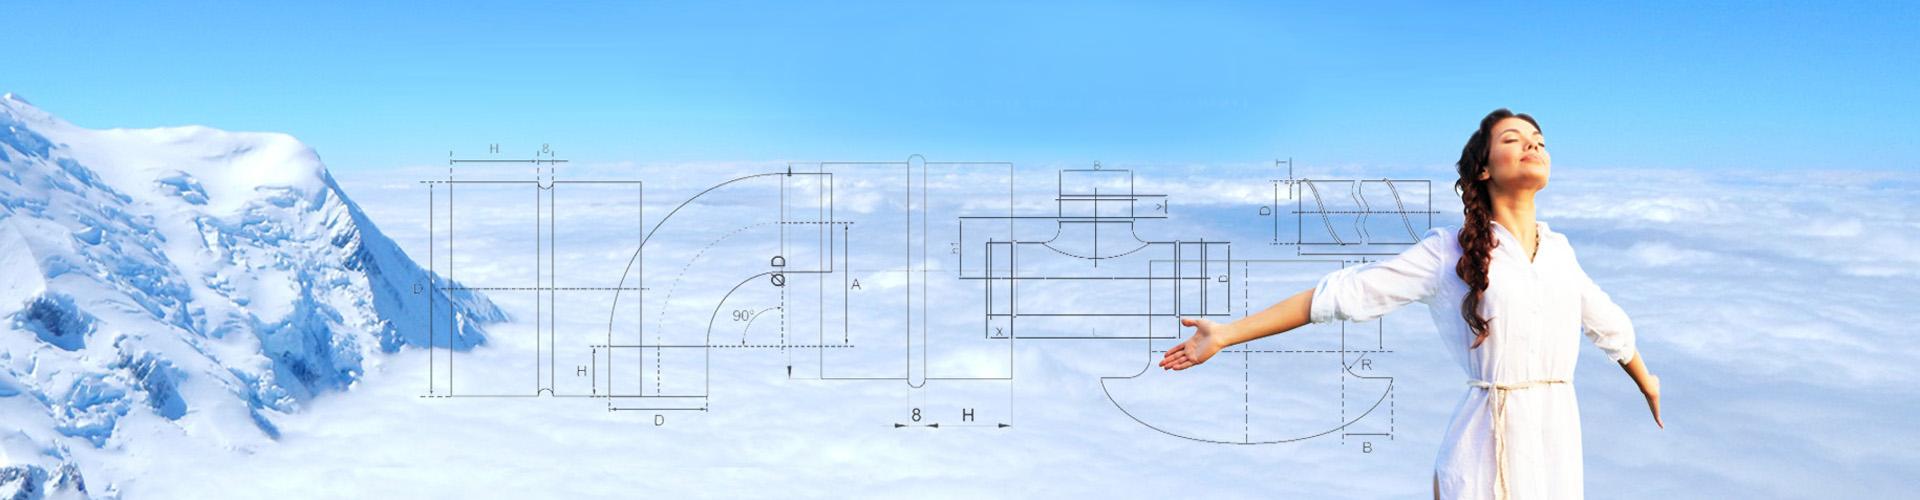 Luftech Slider Header